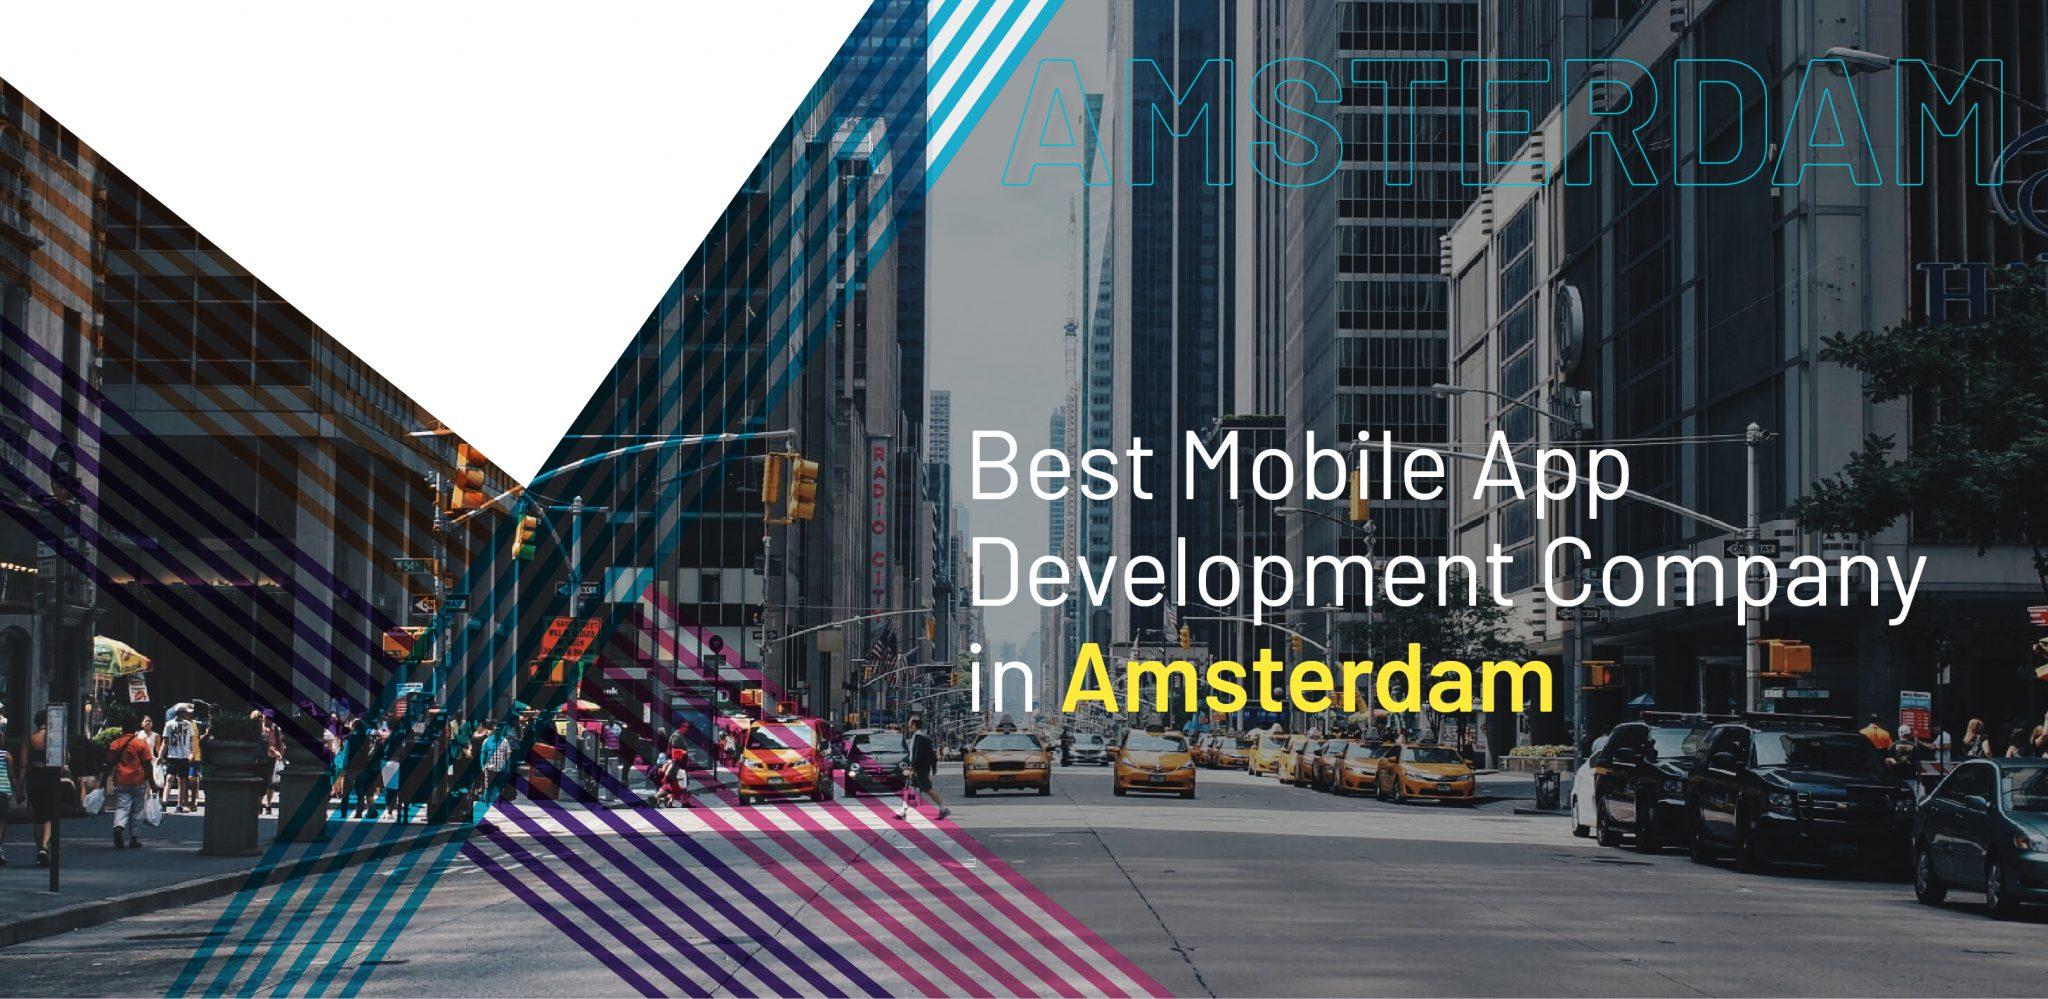 Best Mobile App Development Agency in Amsterdam - WebClues Infotech